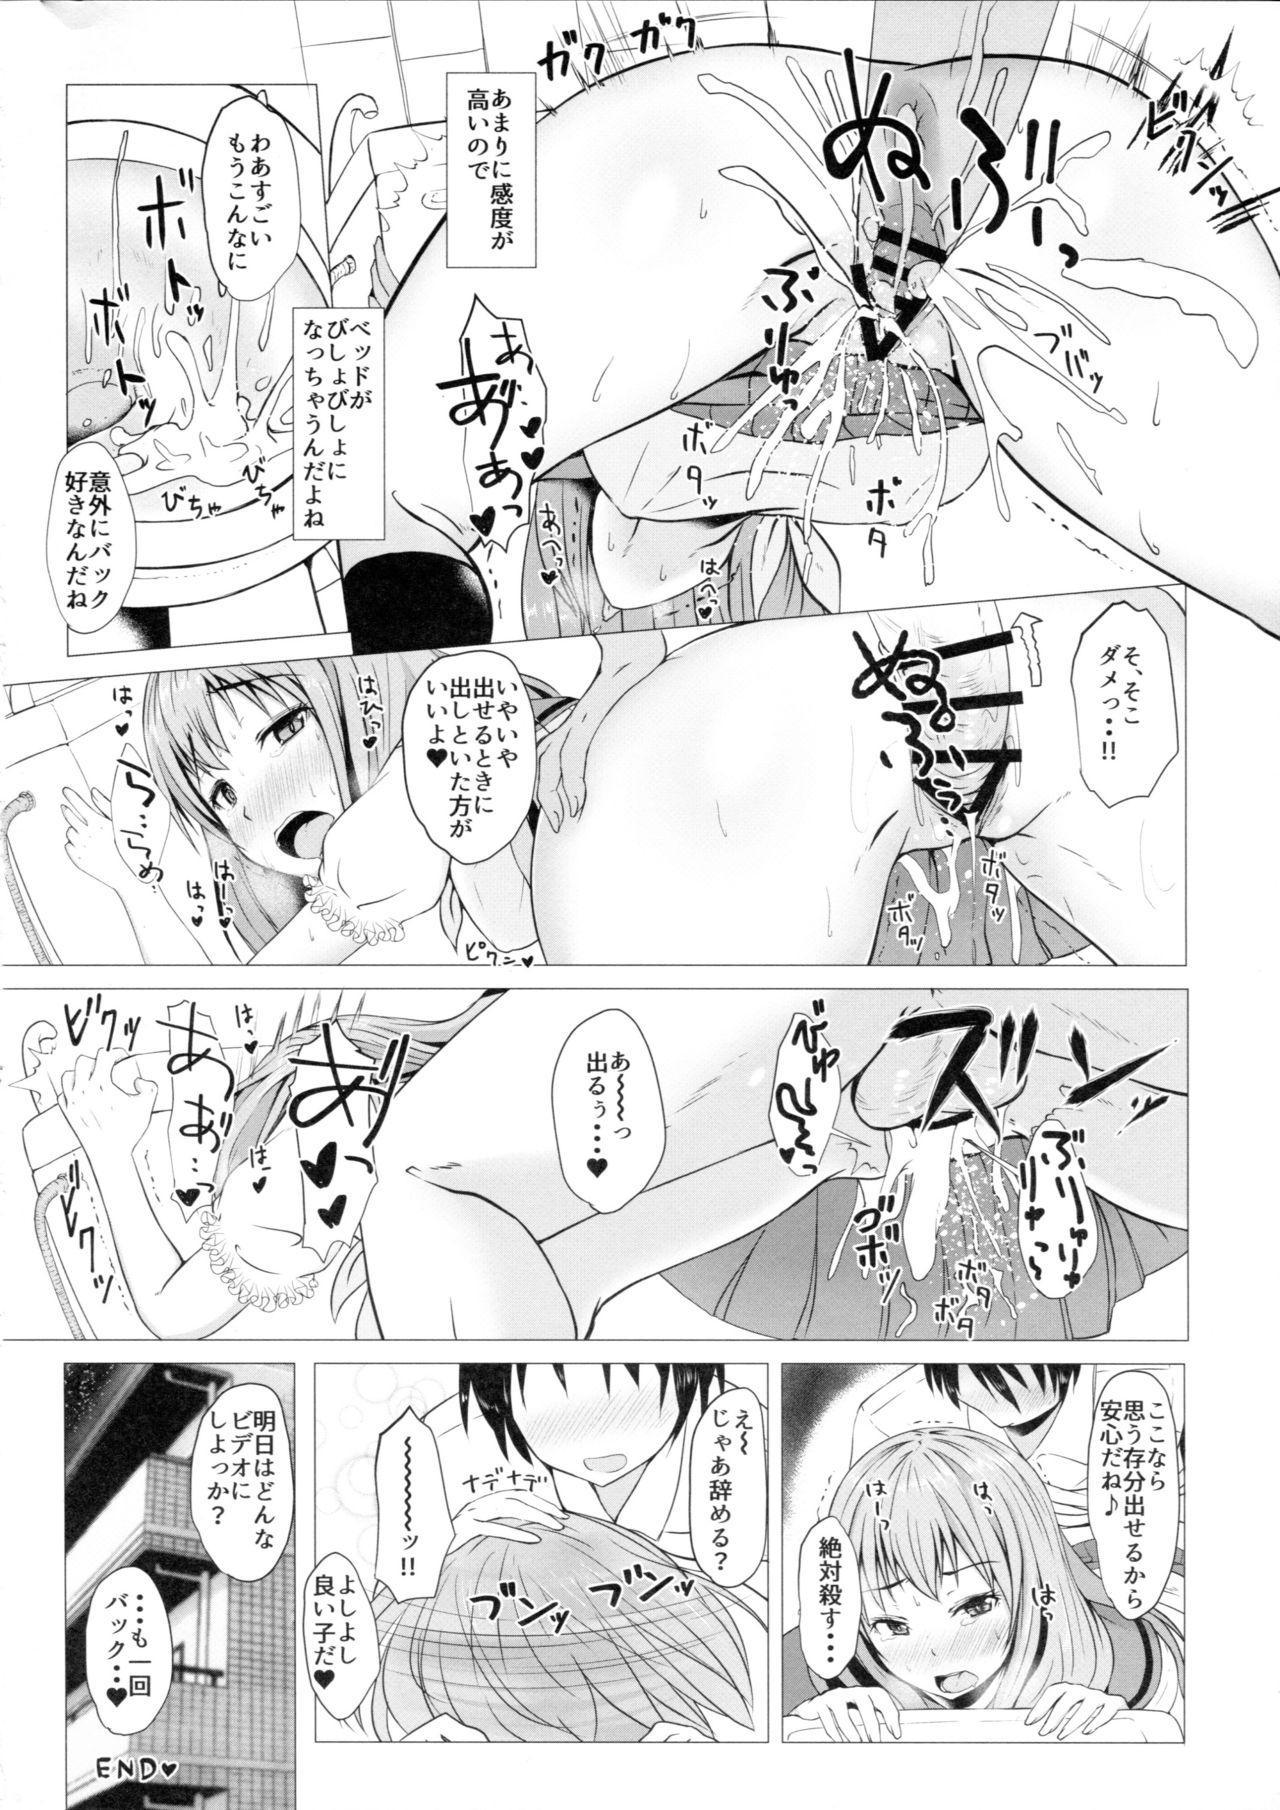 Kisegae Halloween Erika 6